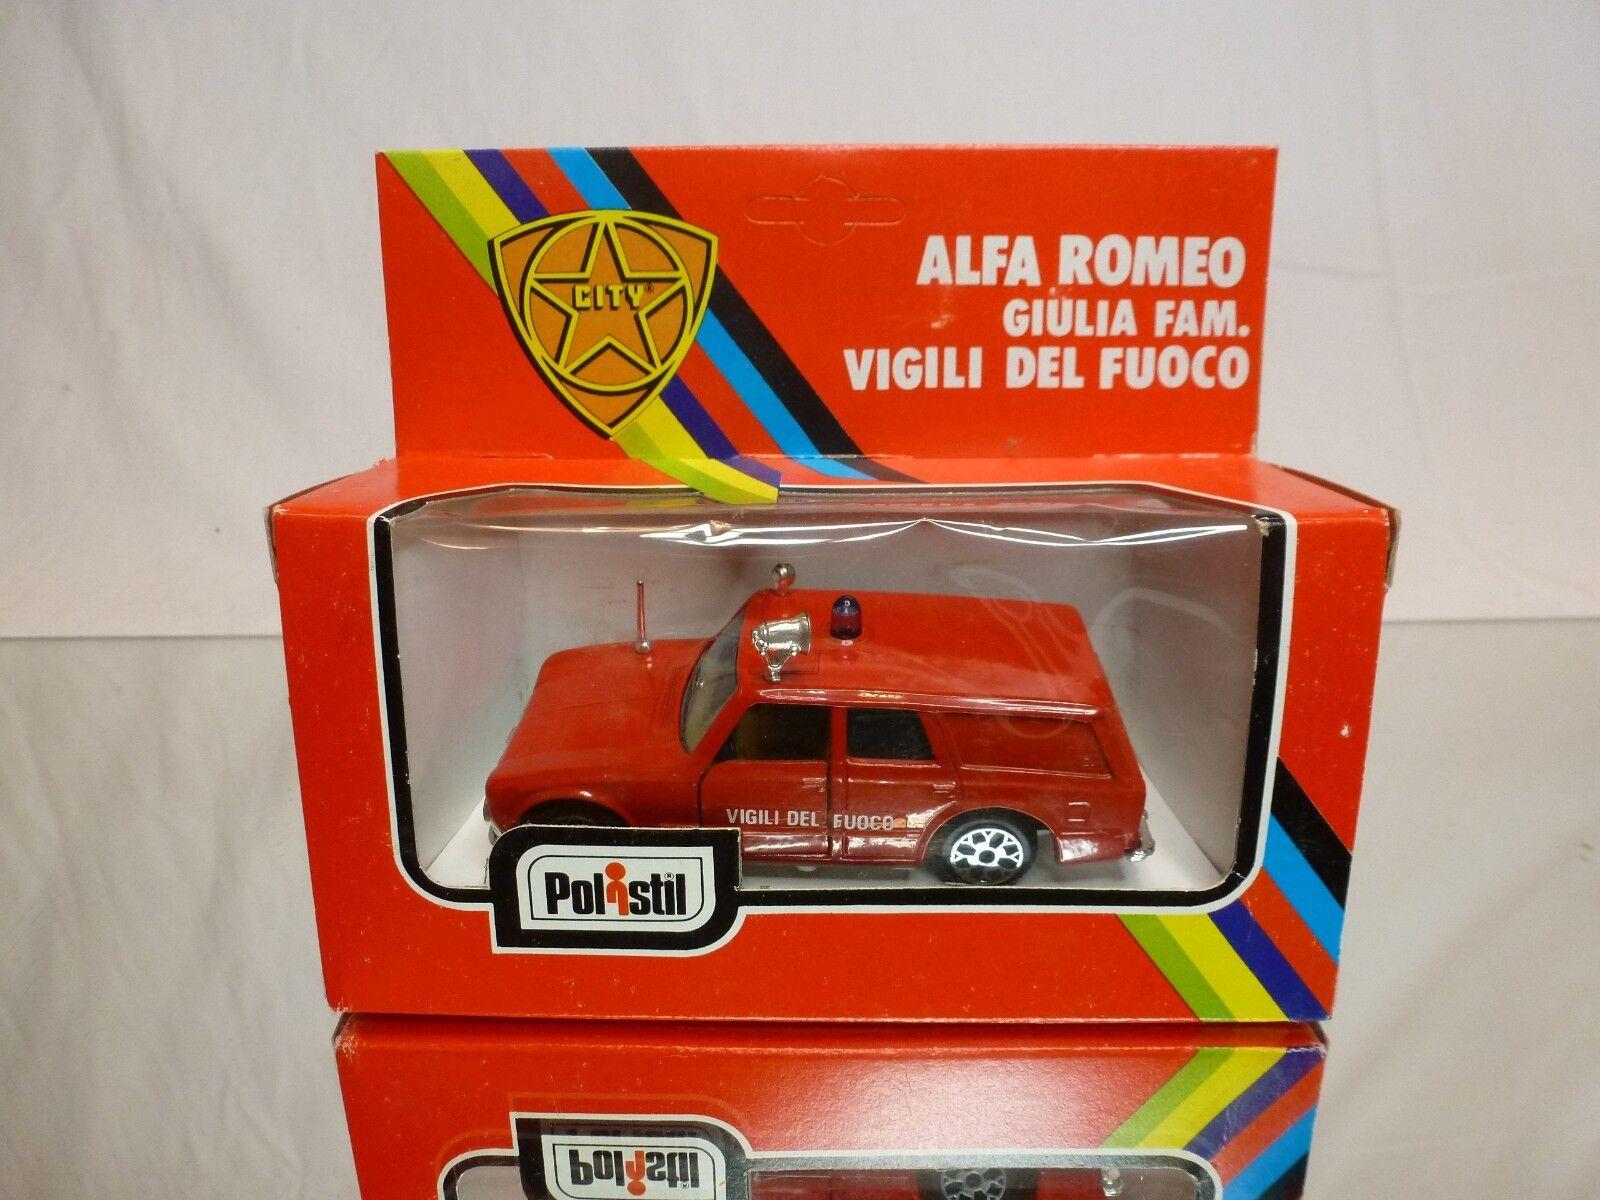 POLISTIL CE16 ALFA ROMEO GIULIA FAMILIARE VIGILI del FUOCO - 1:43 - GOOD IN BOX